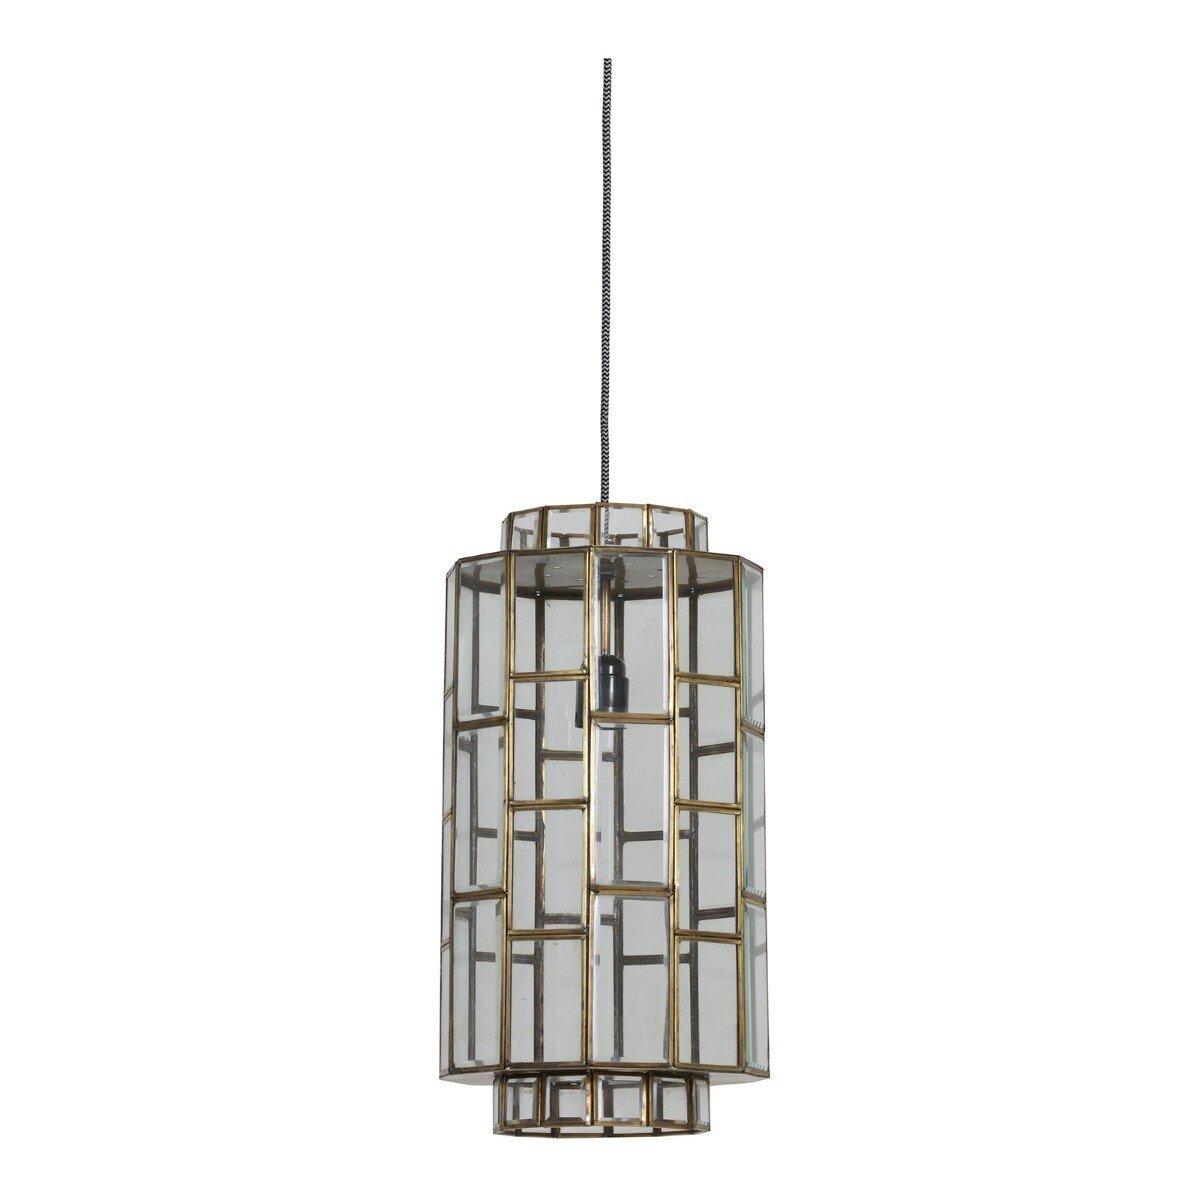 Hanglamp Sostrene �24x45 cm antiek brons+glas Light & Living